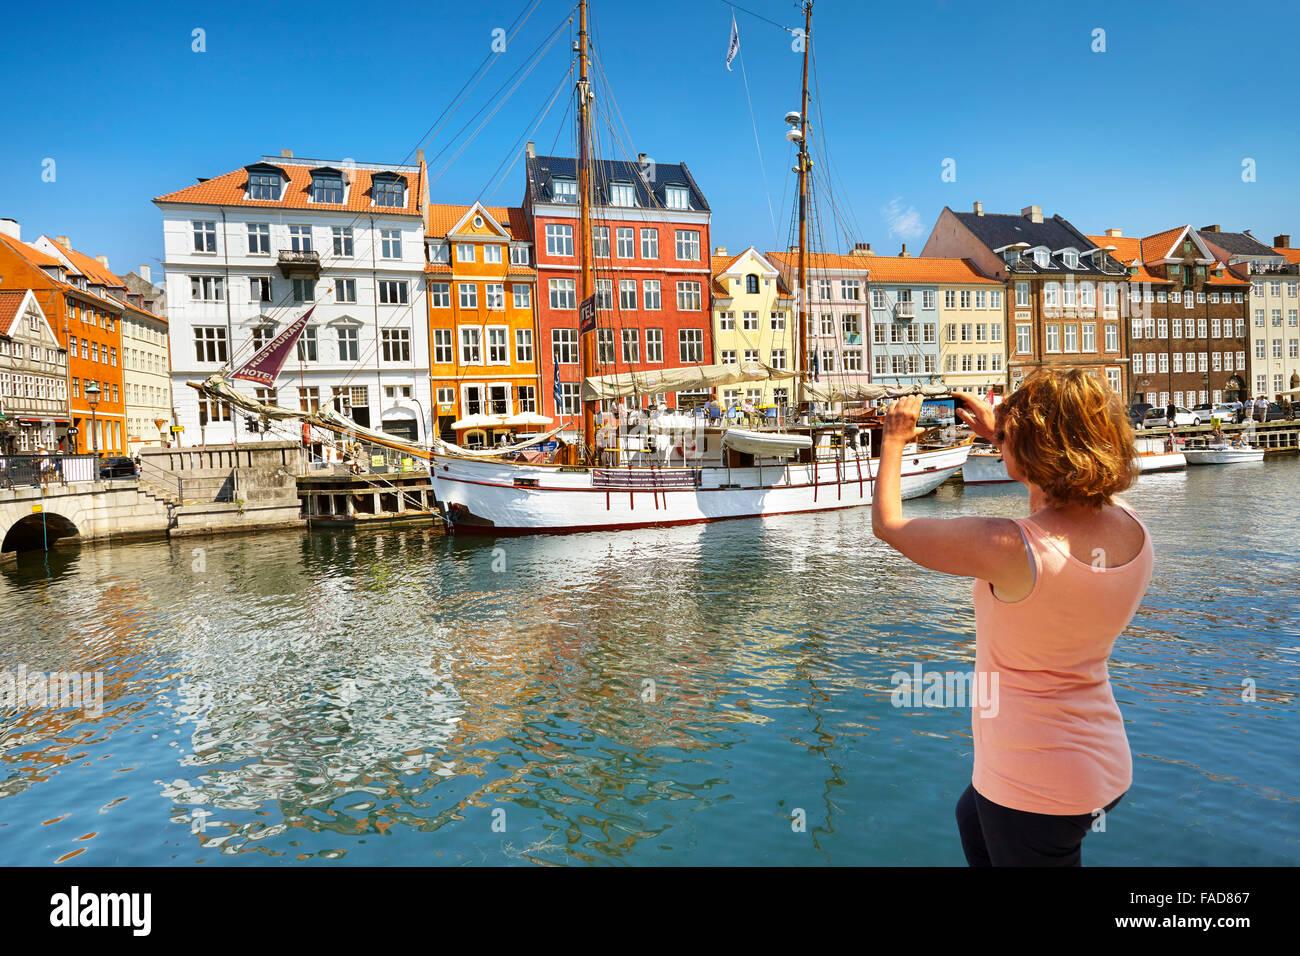 Kopenhagen, Dänemark Stockbild